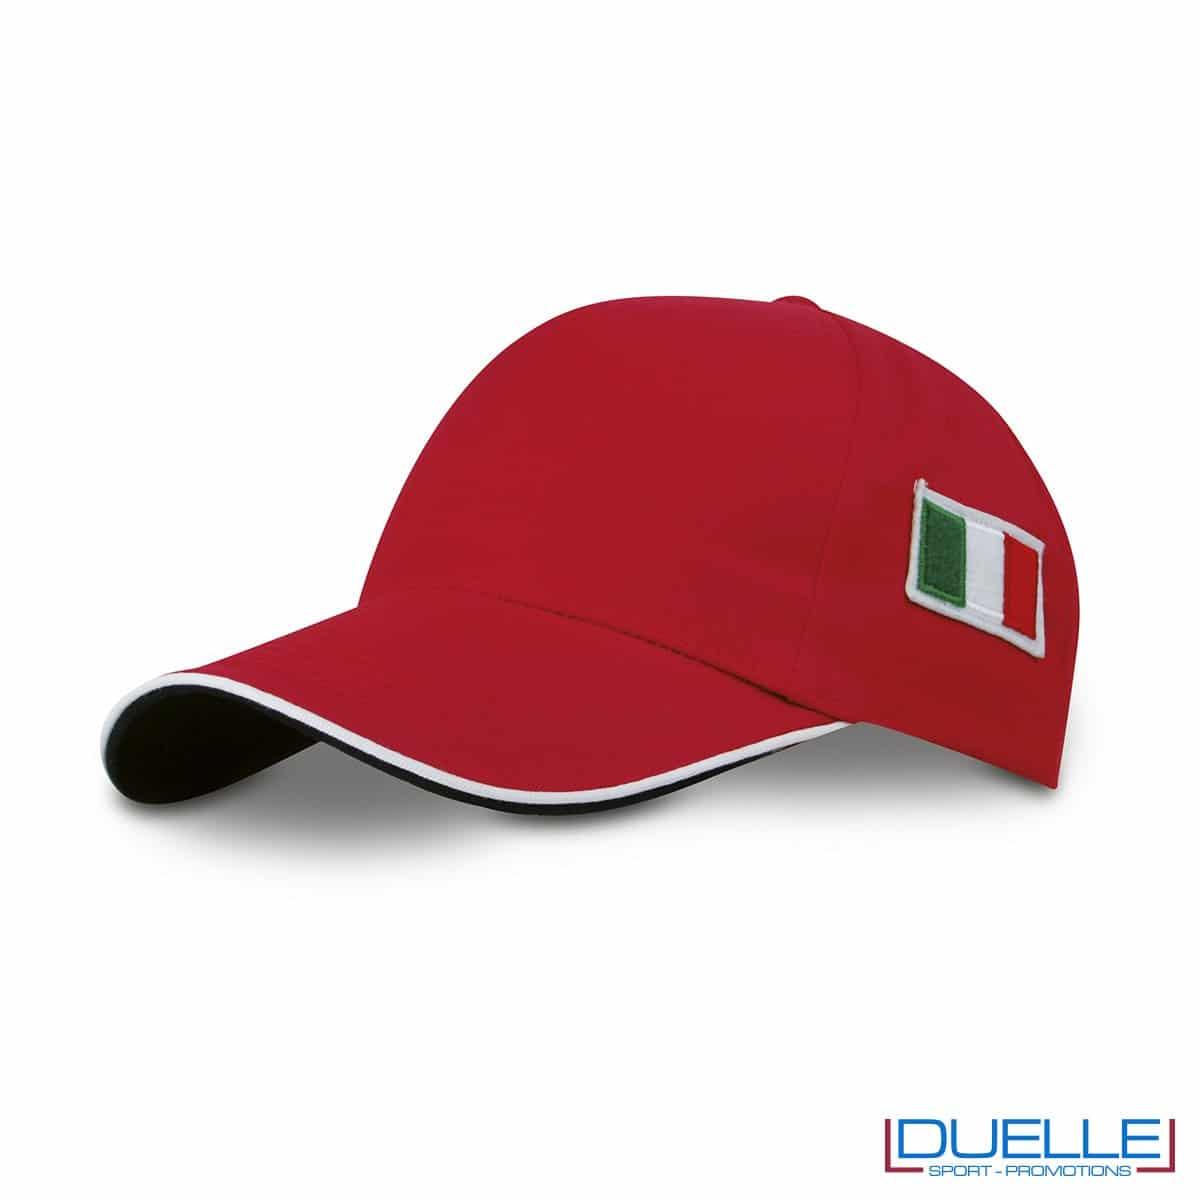 cappellino personalizzato 5 pannelli con bandiera tricolore colore rosso